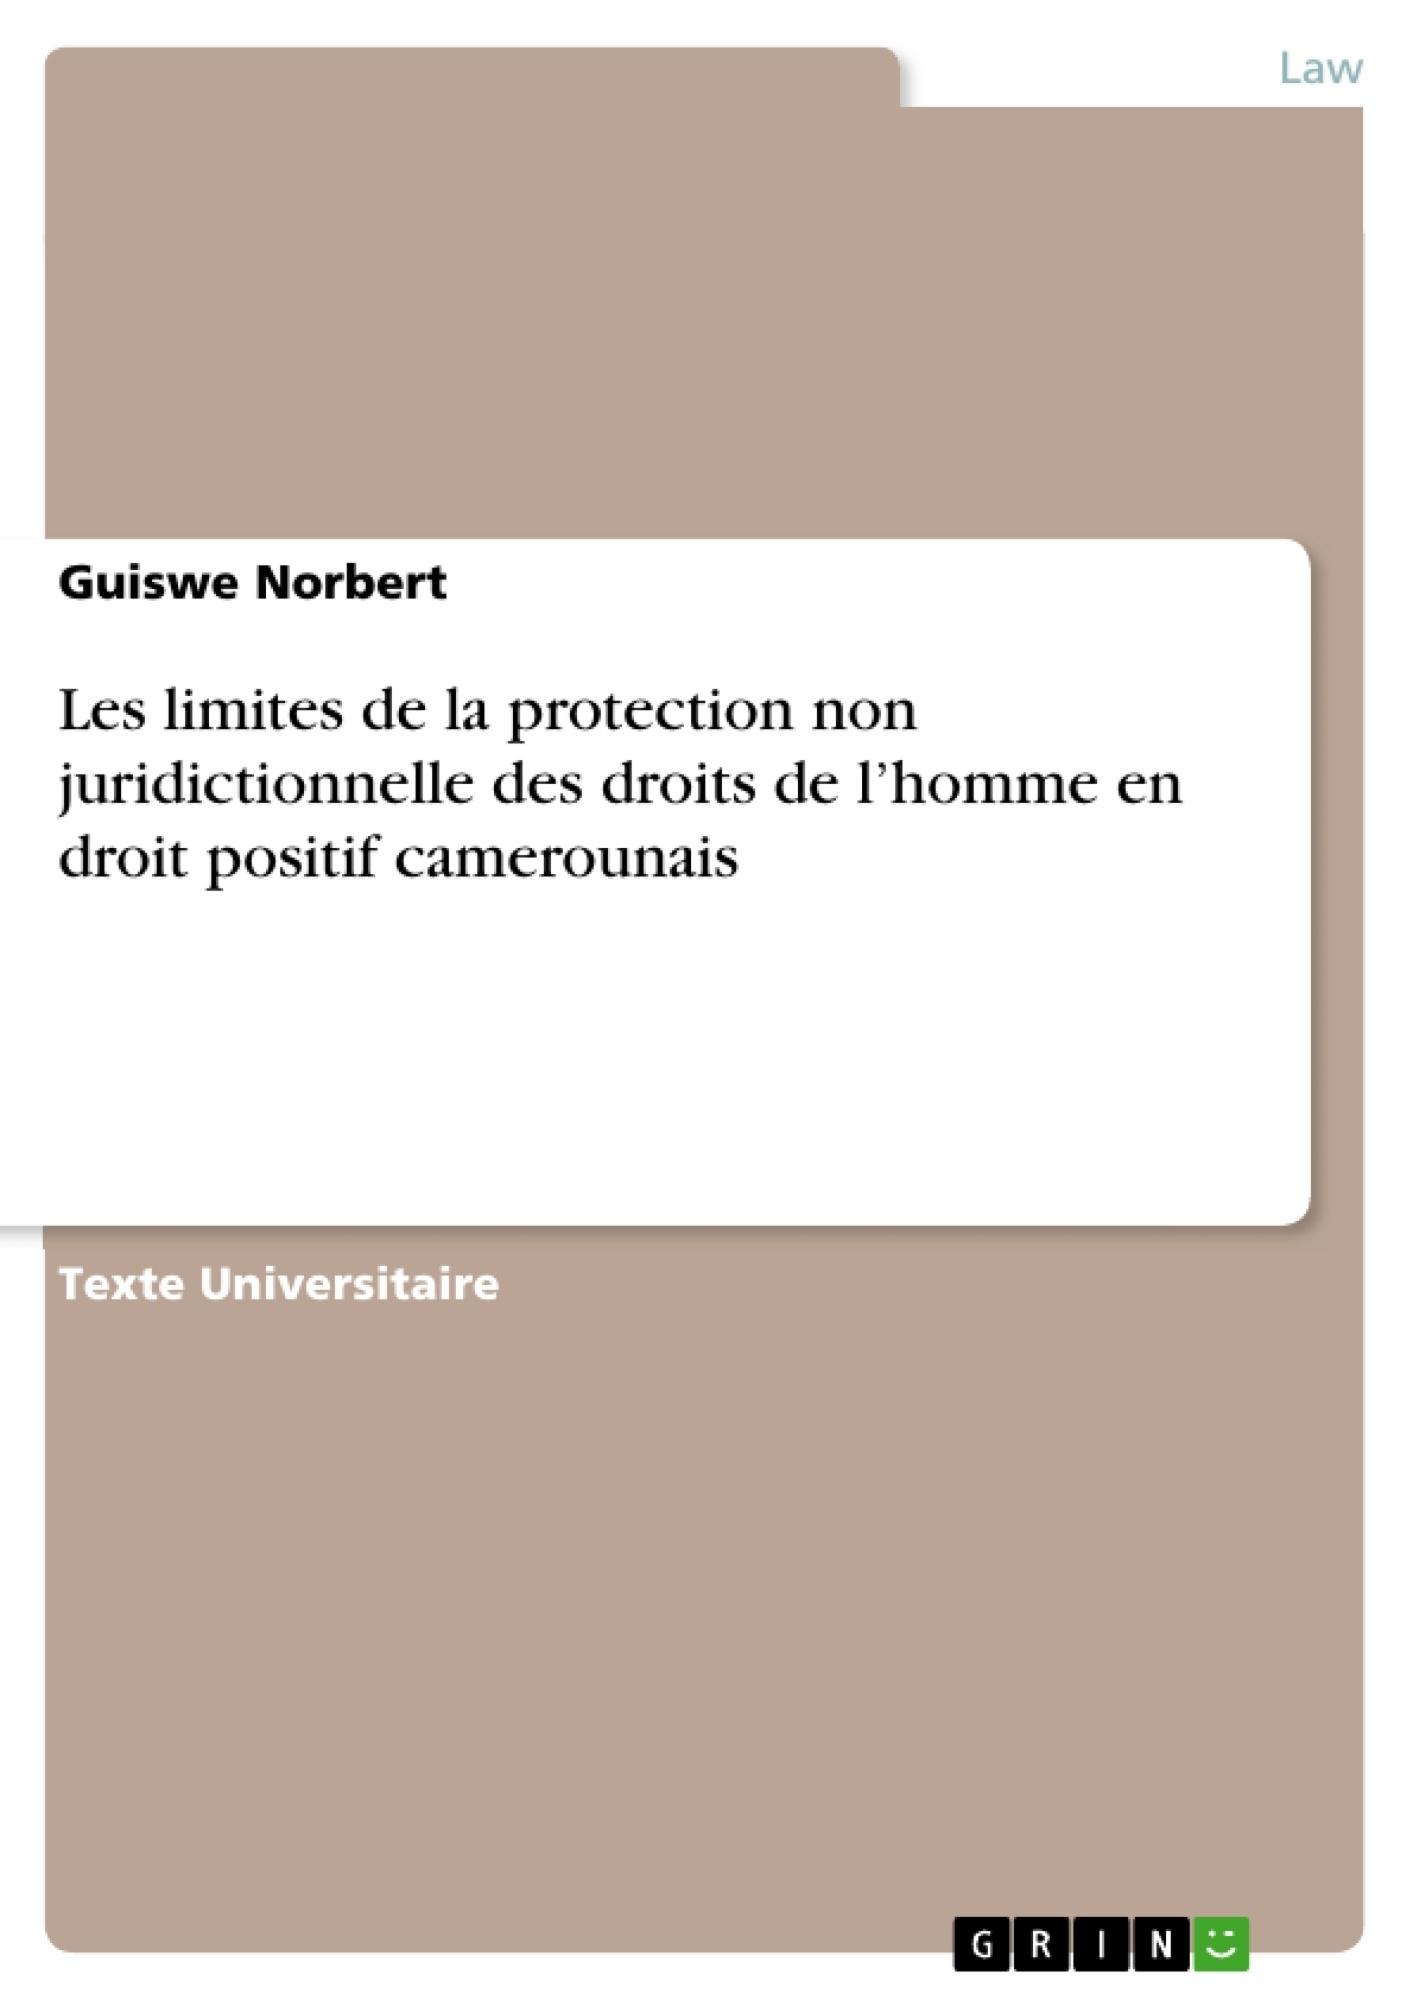 Titre: Les limites de la protection non juridictionnelle des droits de l'homme en droit positif camerounais